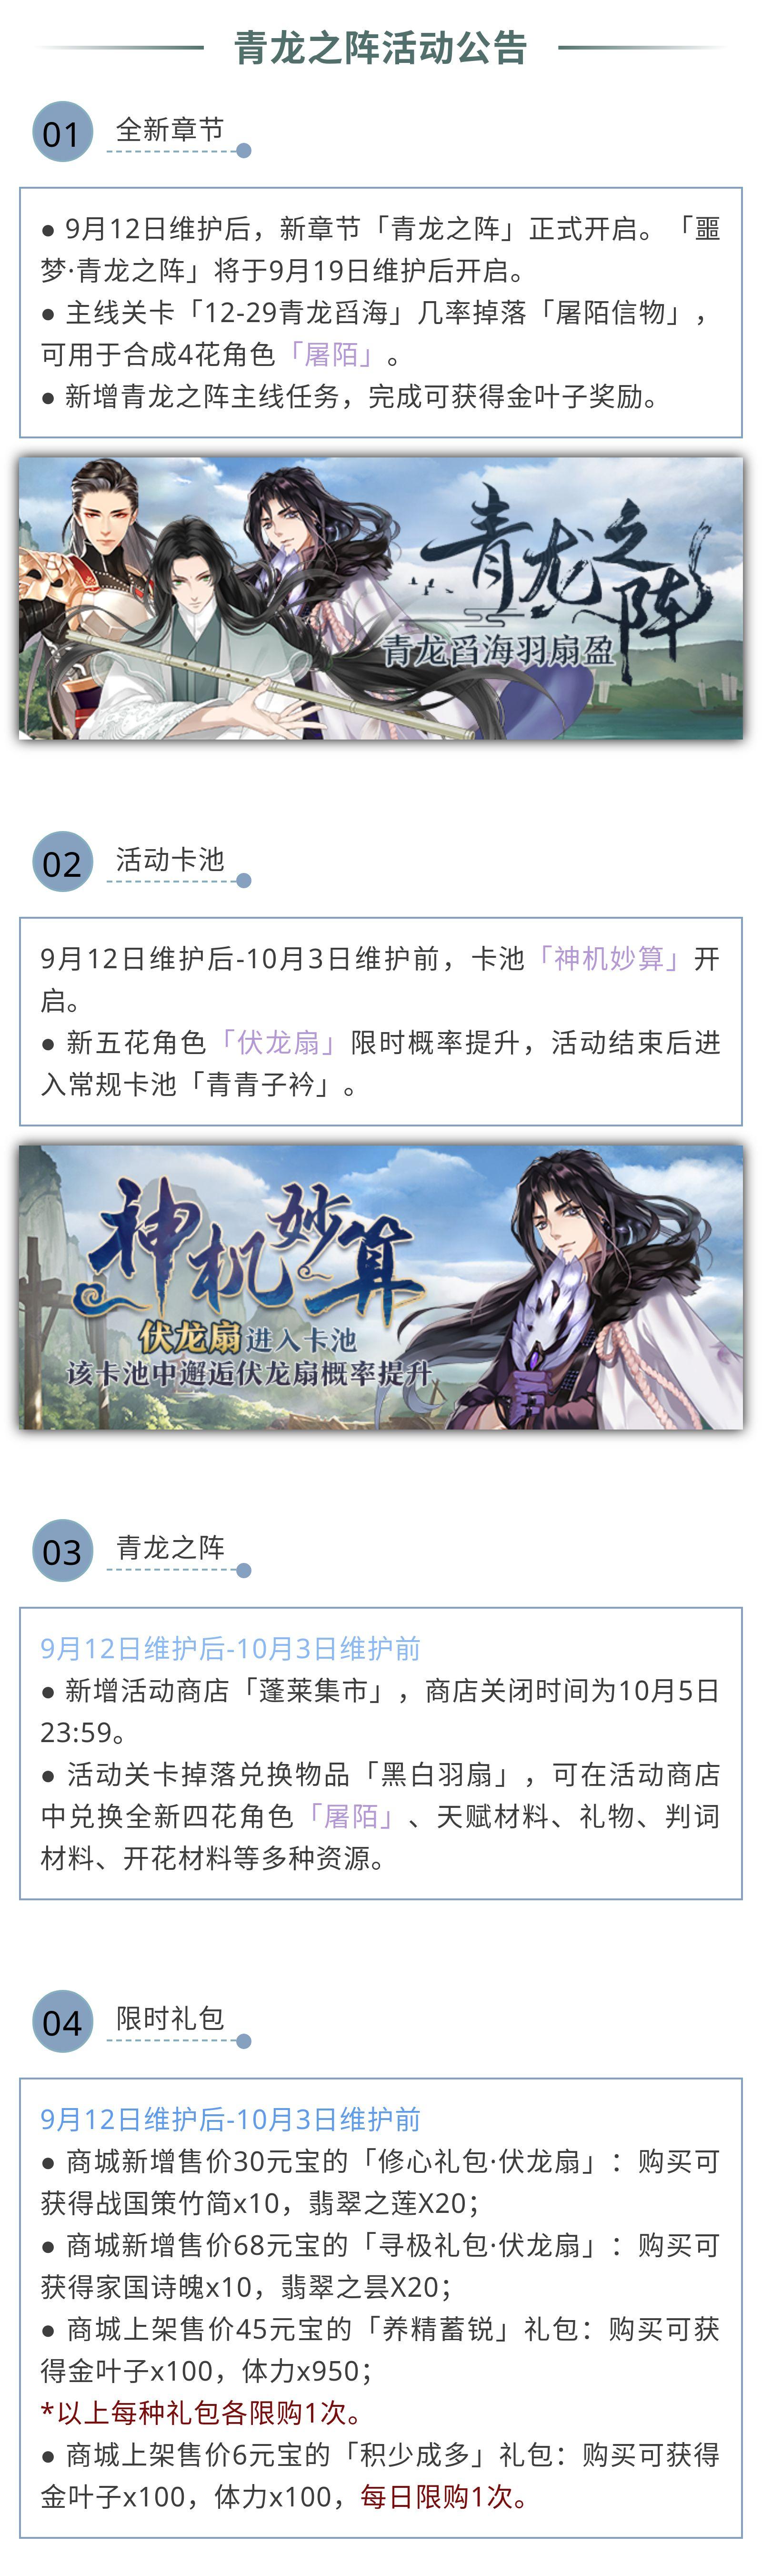 维护公告丨新章节青龙之阵-青龙之阵活动公告.jpg